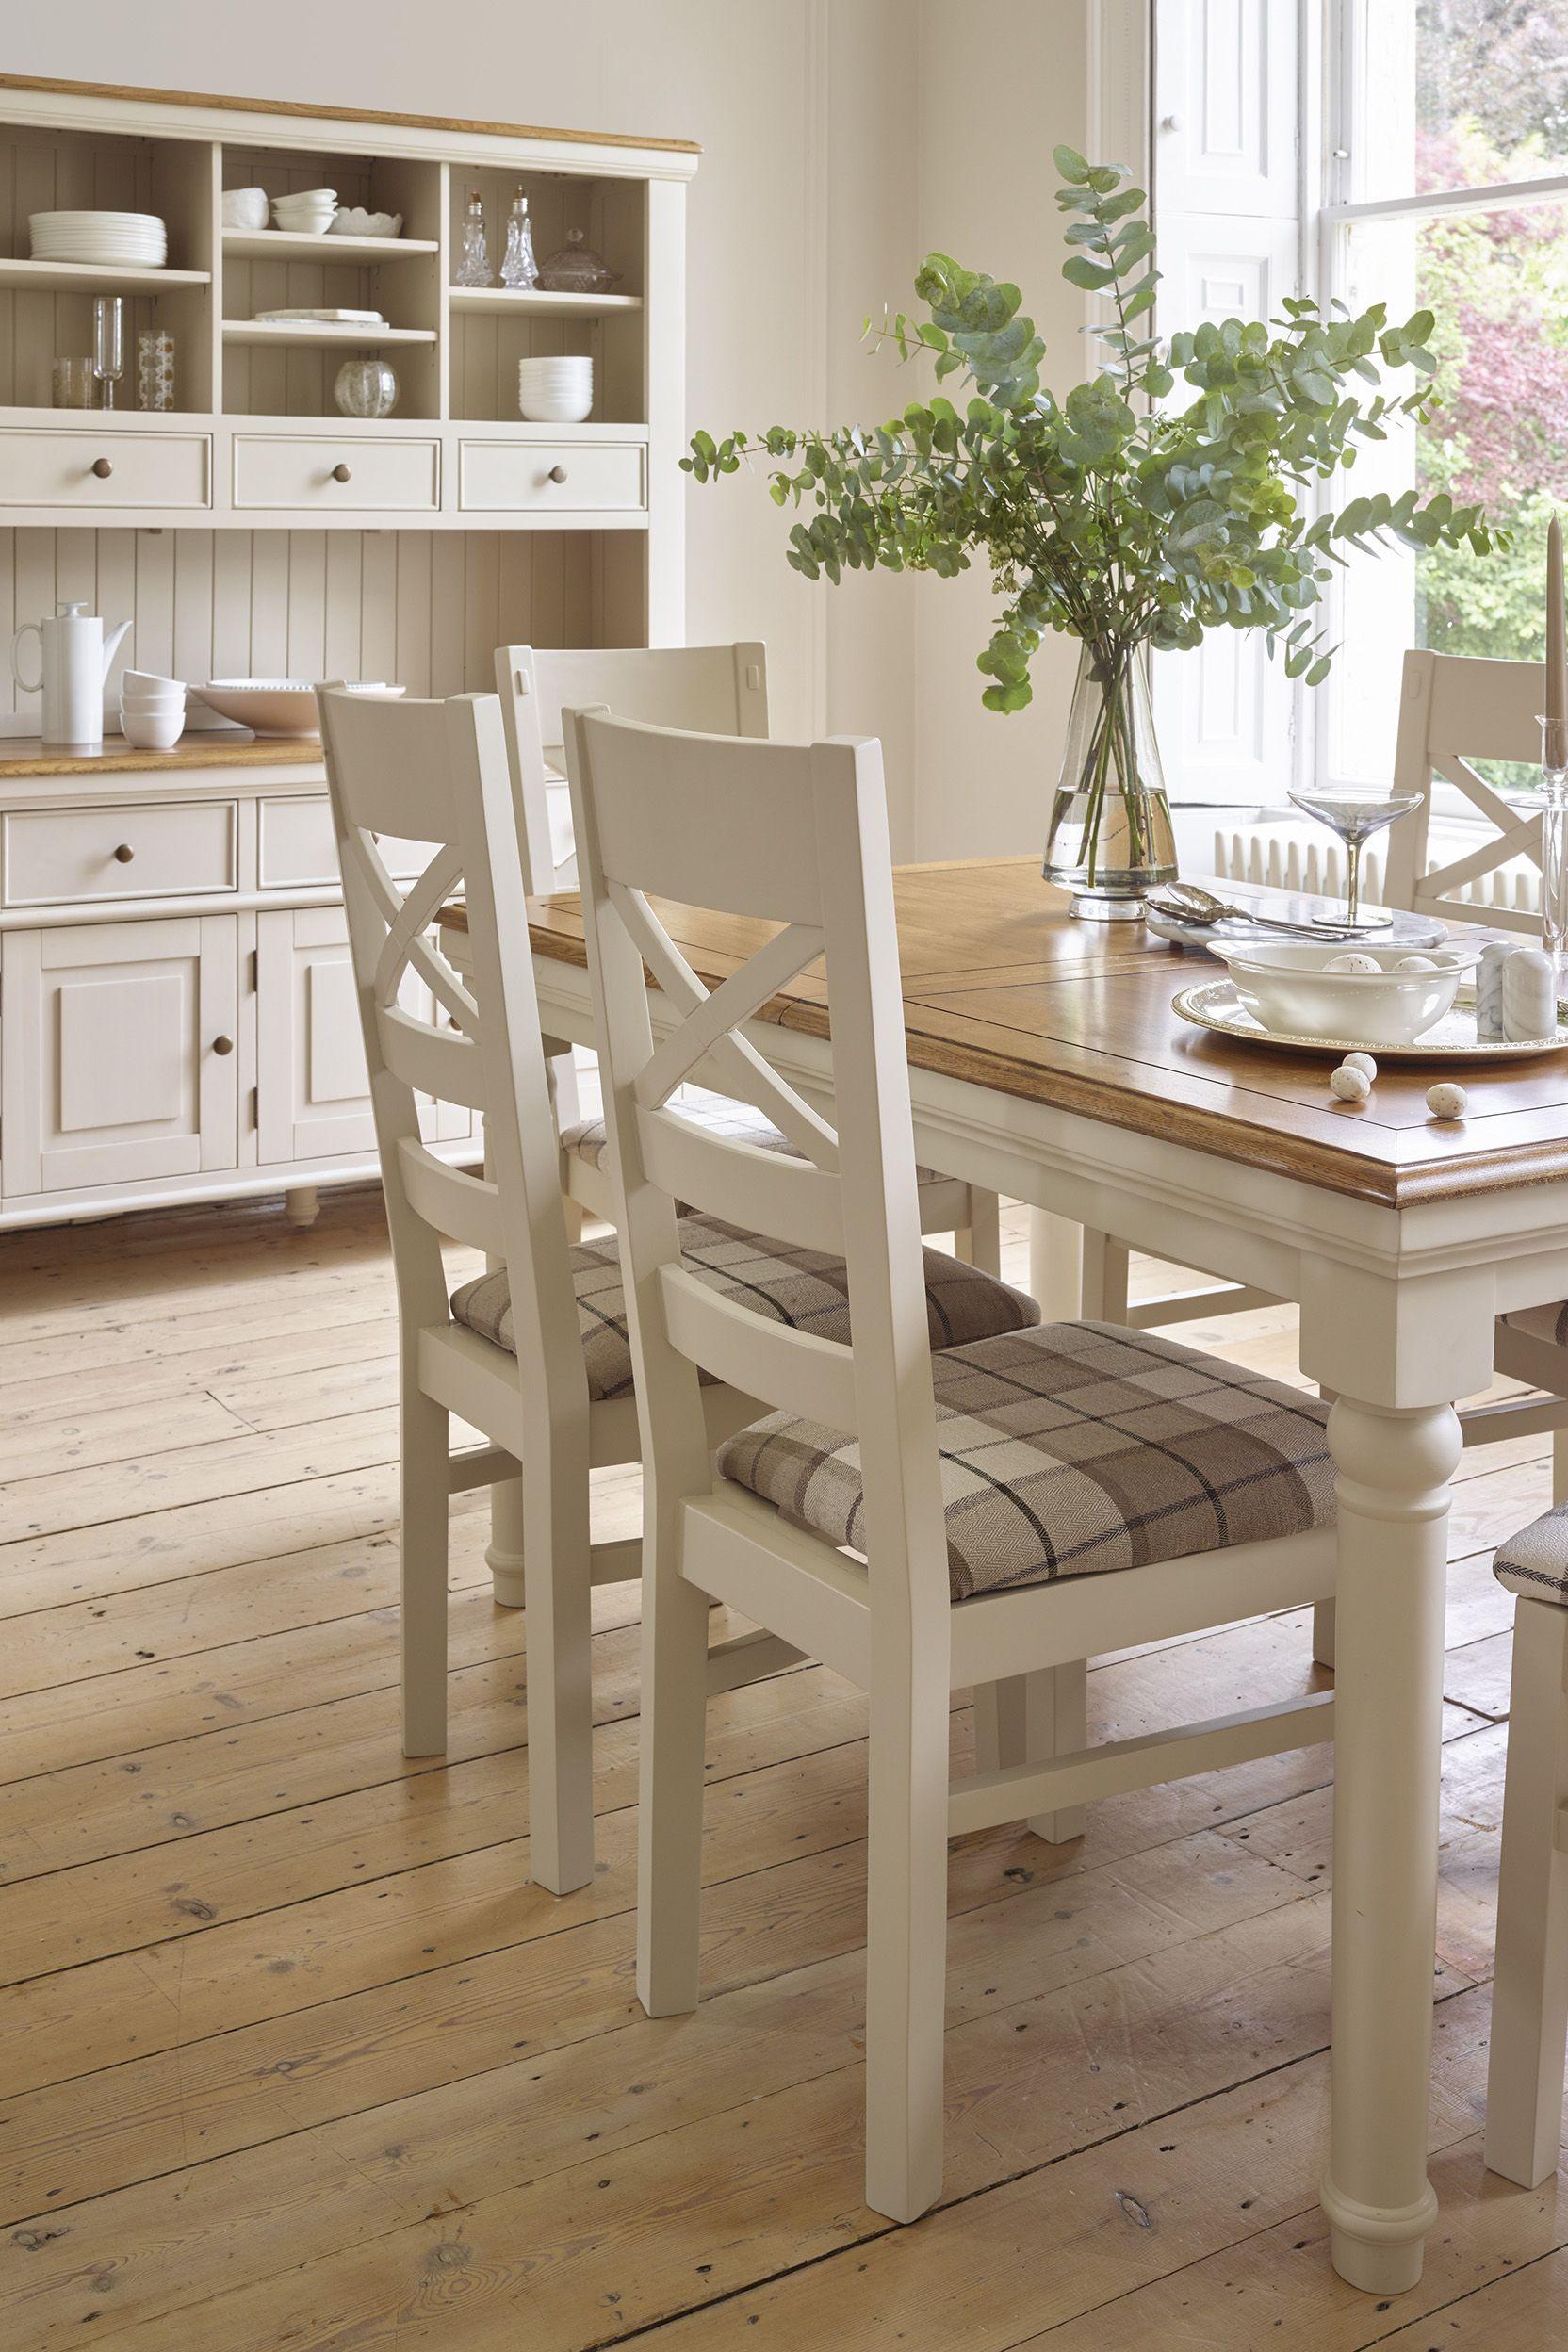 37+ Furniture land dining sets Best Seller